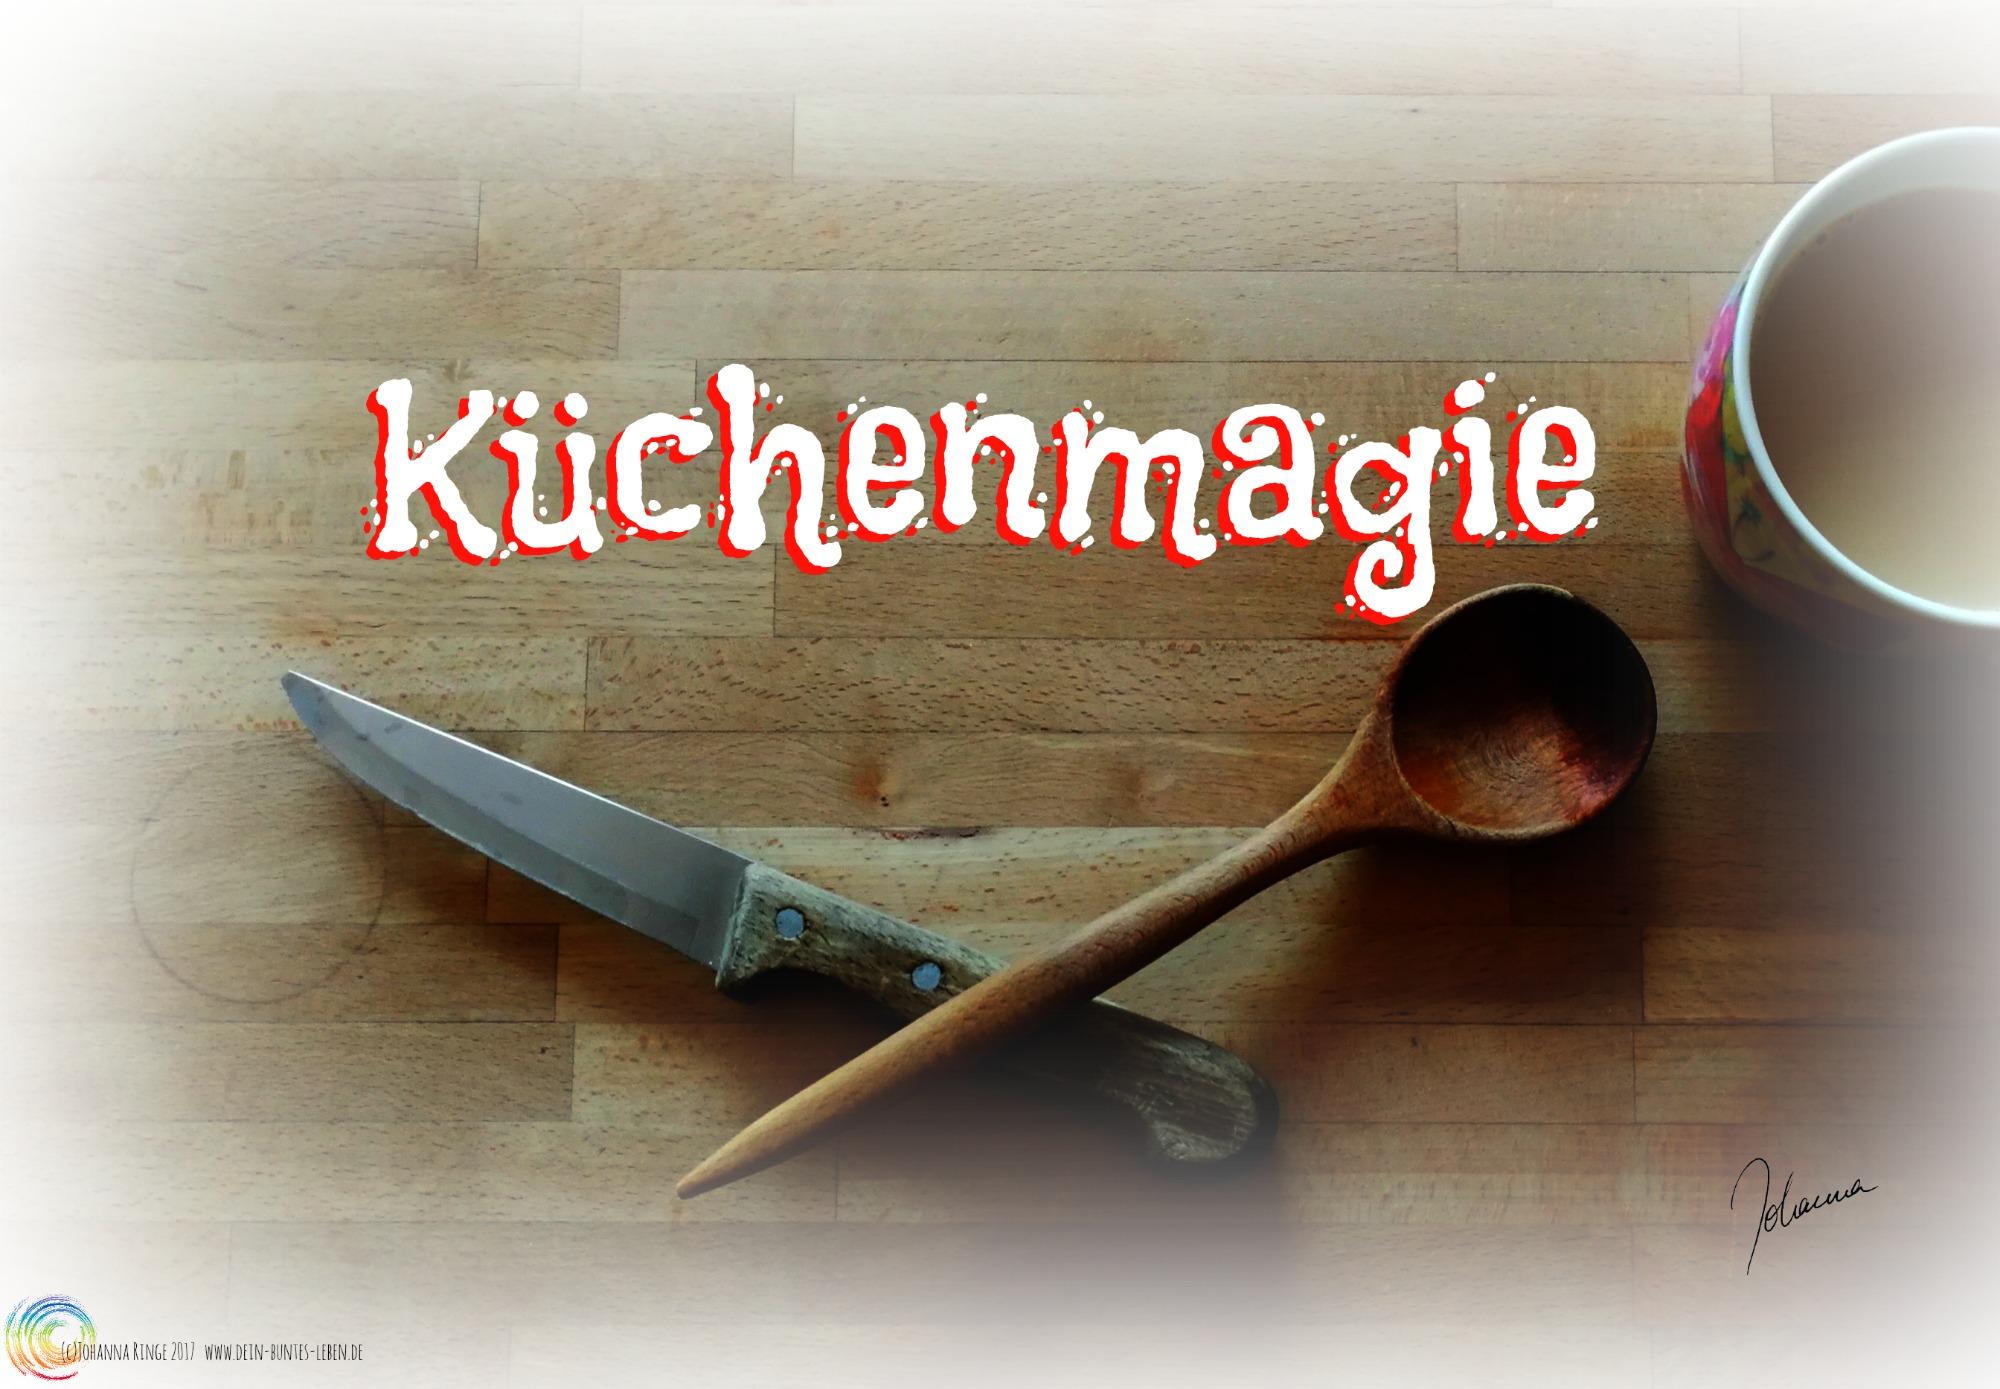 Das Wort Küchenmagie über miteinander gekreuztem Messer und Kochlöffel (c)2017 Johanna Ringe www.dein-buntes-leben.de